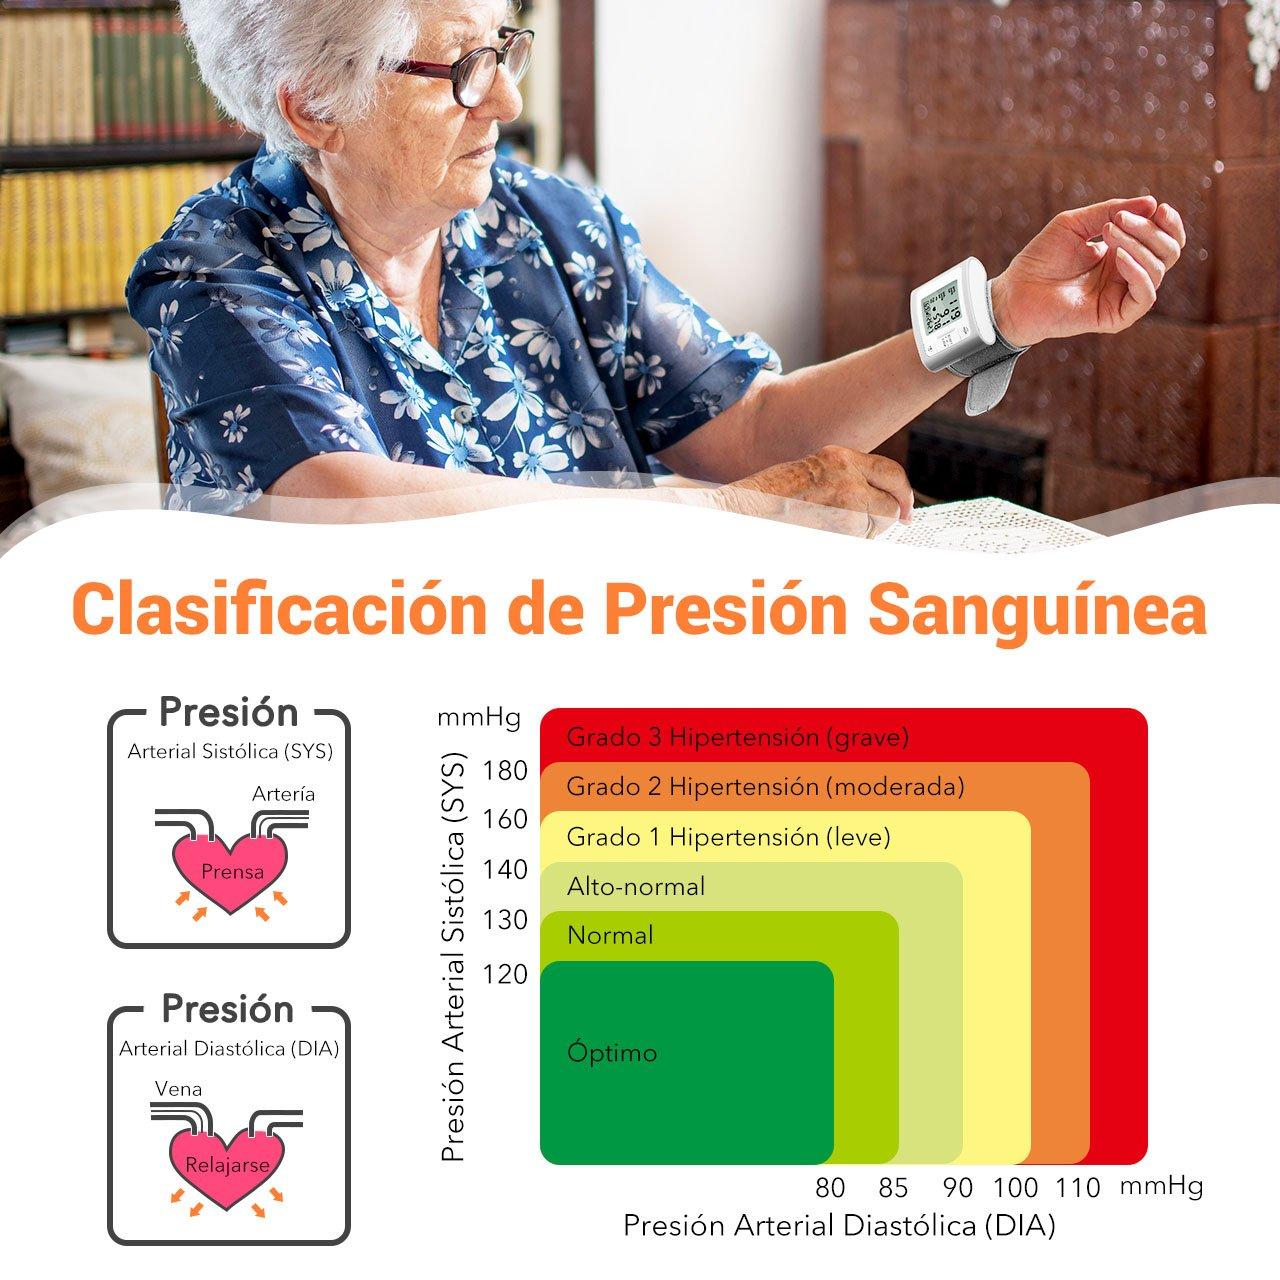 【Edición de Salud】 Tensiometro de muñeca, Mpow Medidor de Presión Arterial de Muñeca, Tamaño de Manguito Ajustable 13.5cm-21.5cm, Gran Pantalla LCD ...